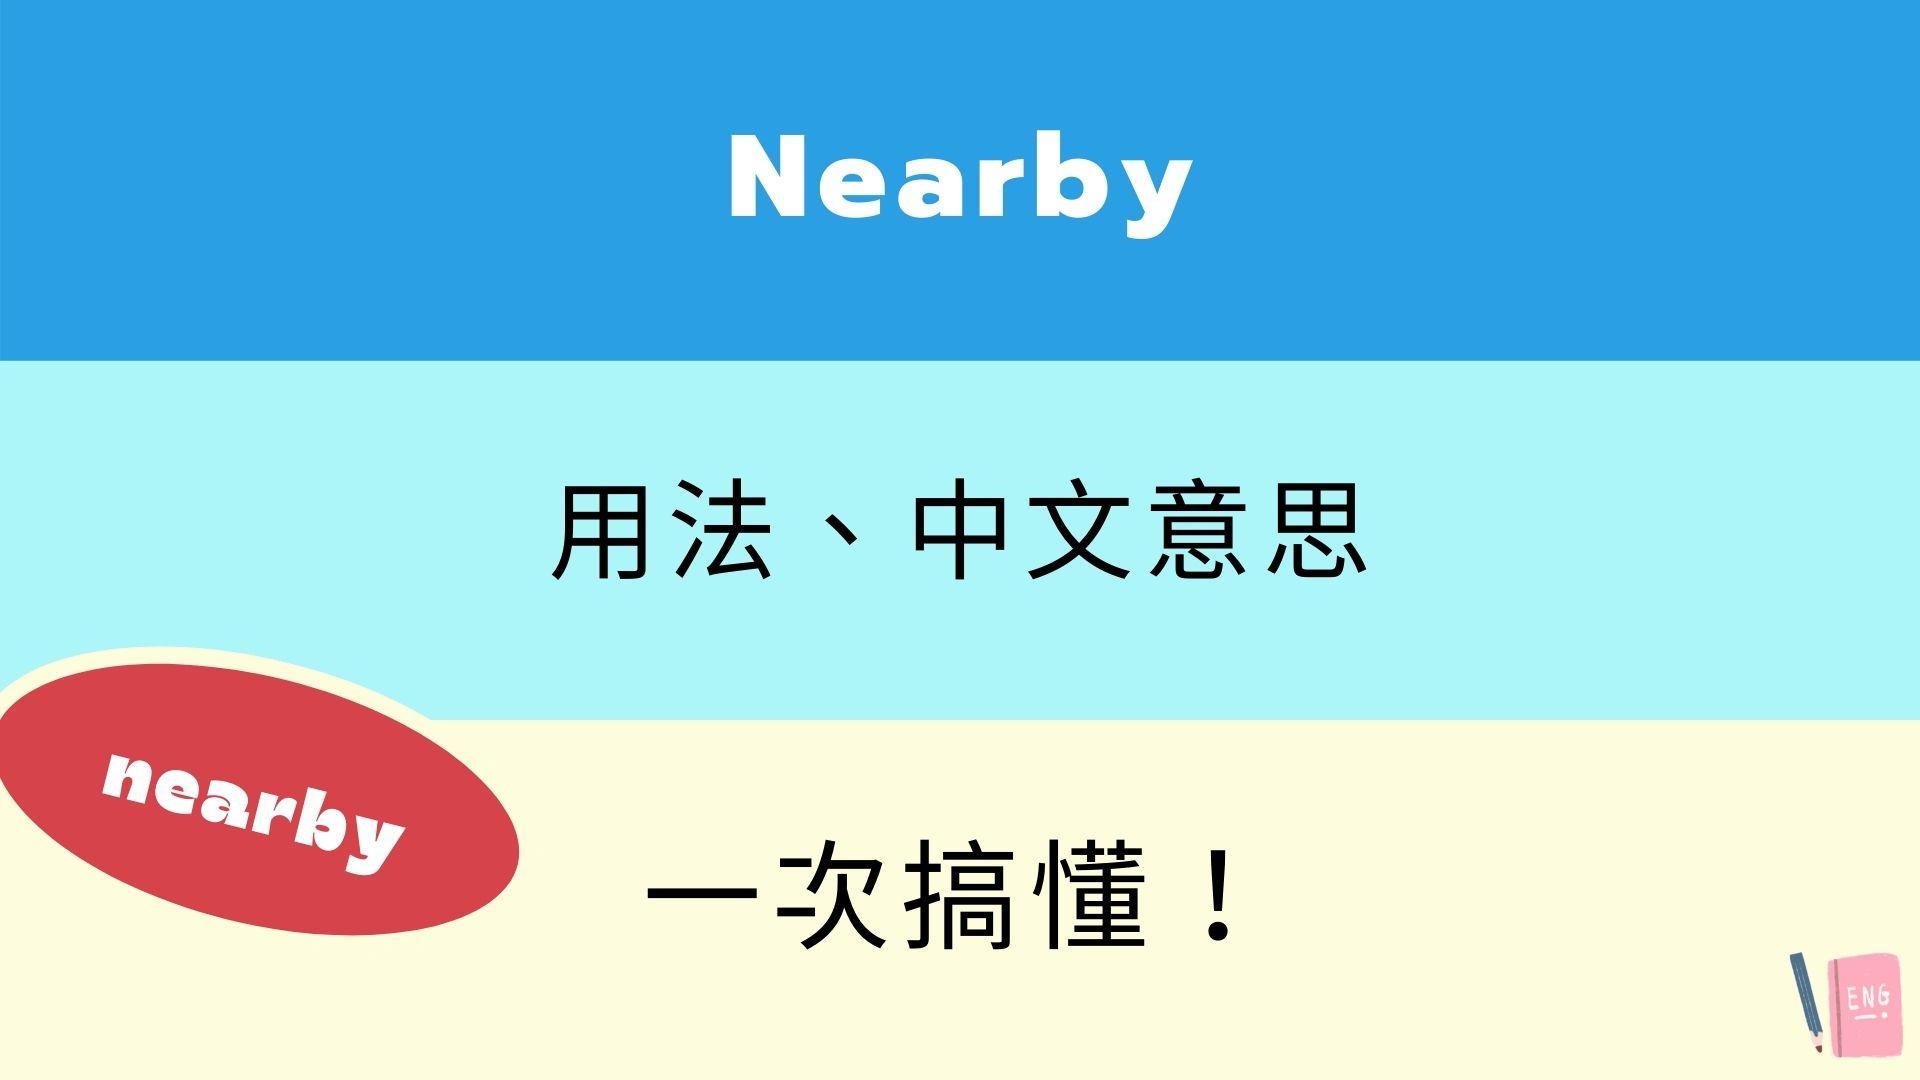 英文 Nearby 所有用法與中文意思!看例句搞懂